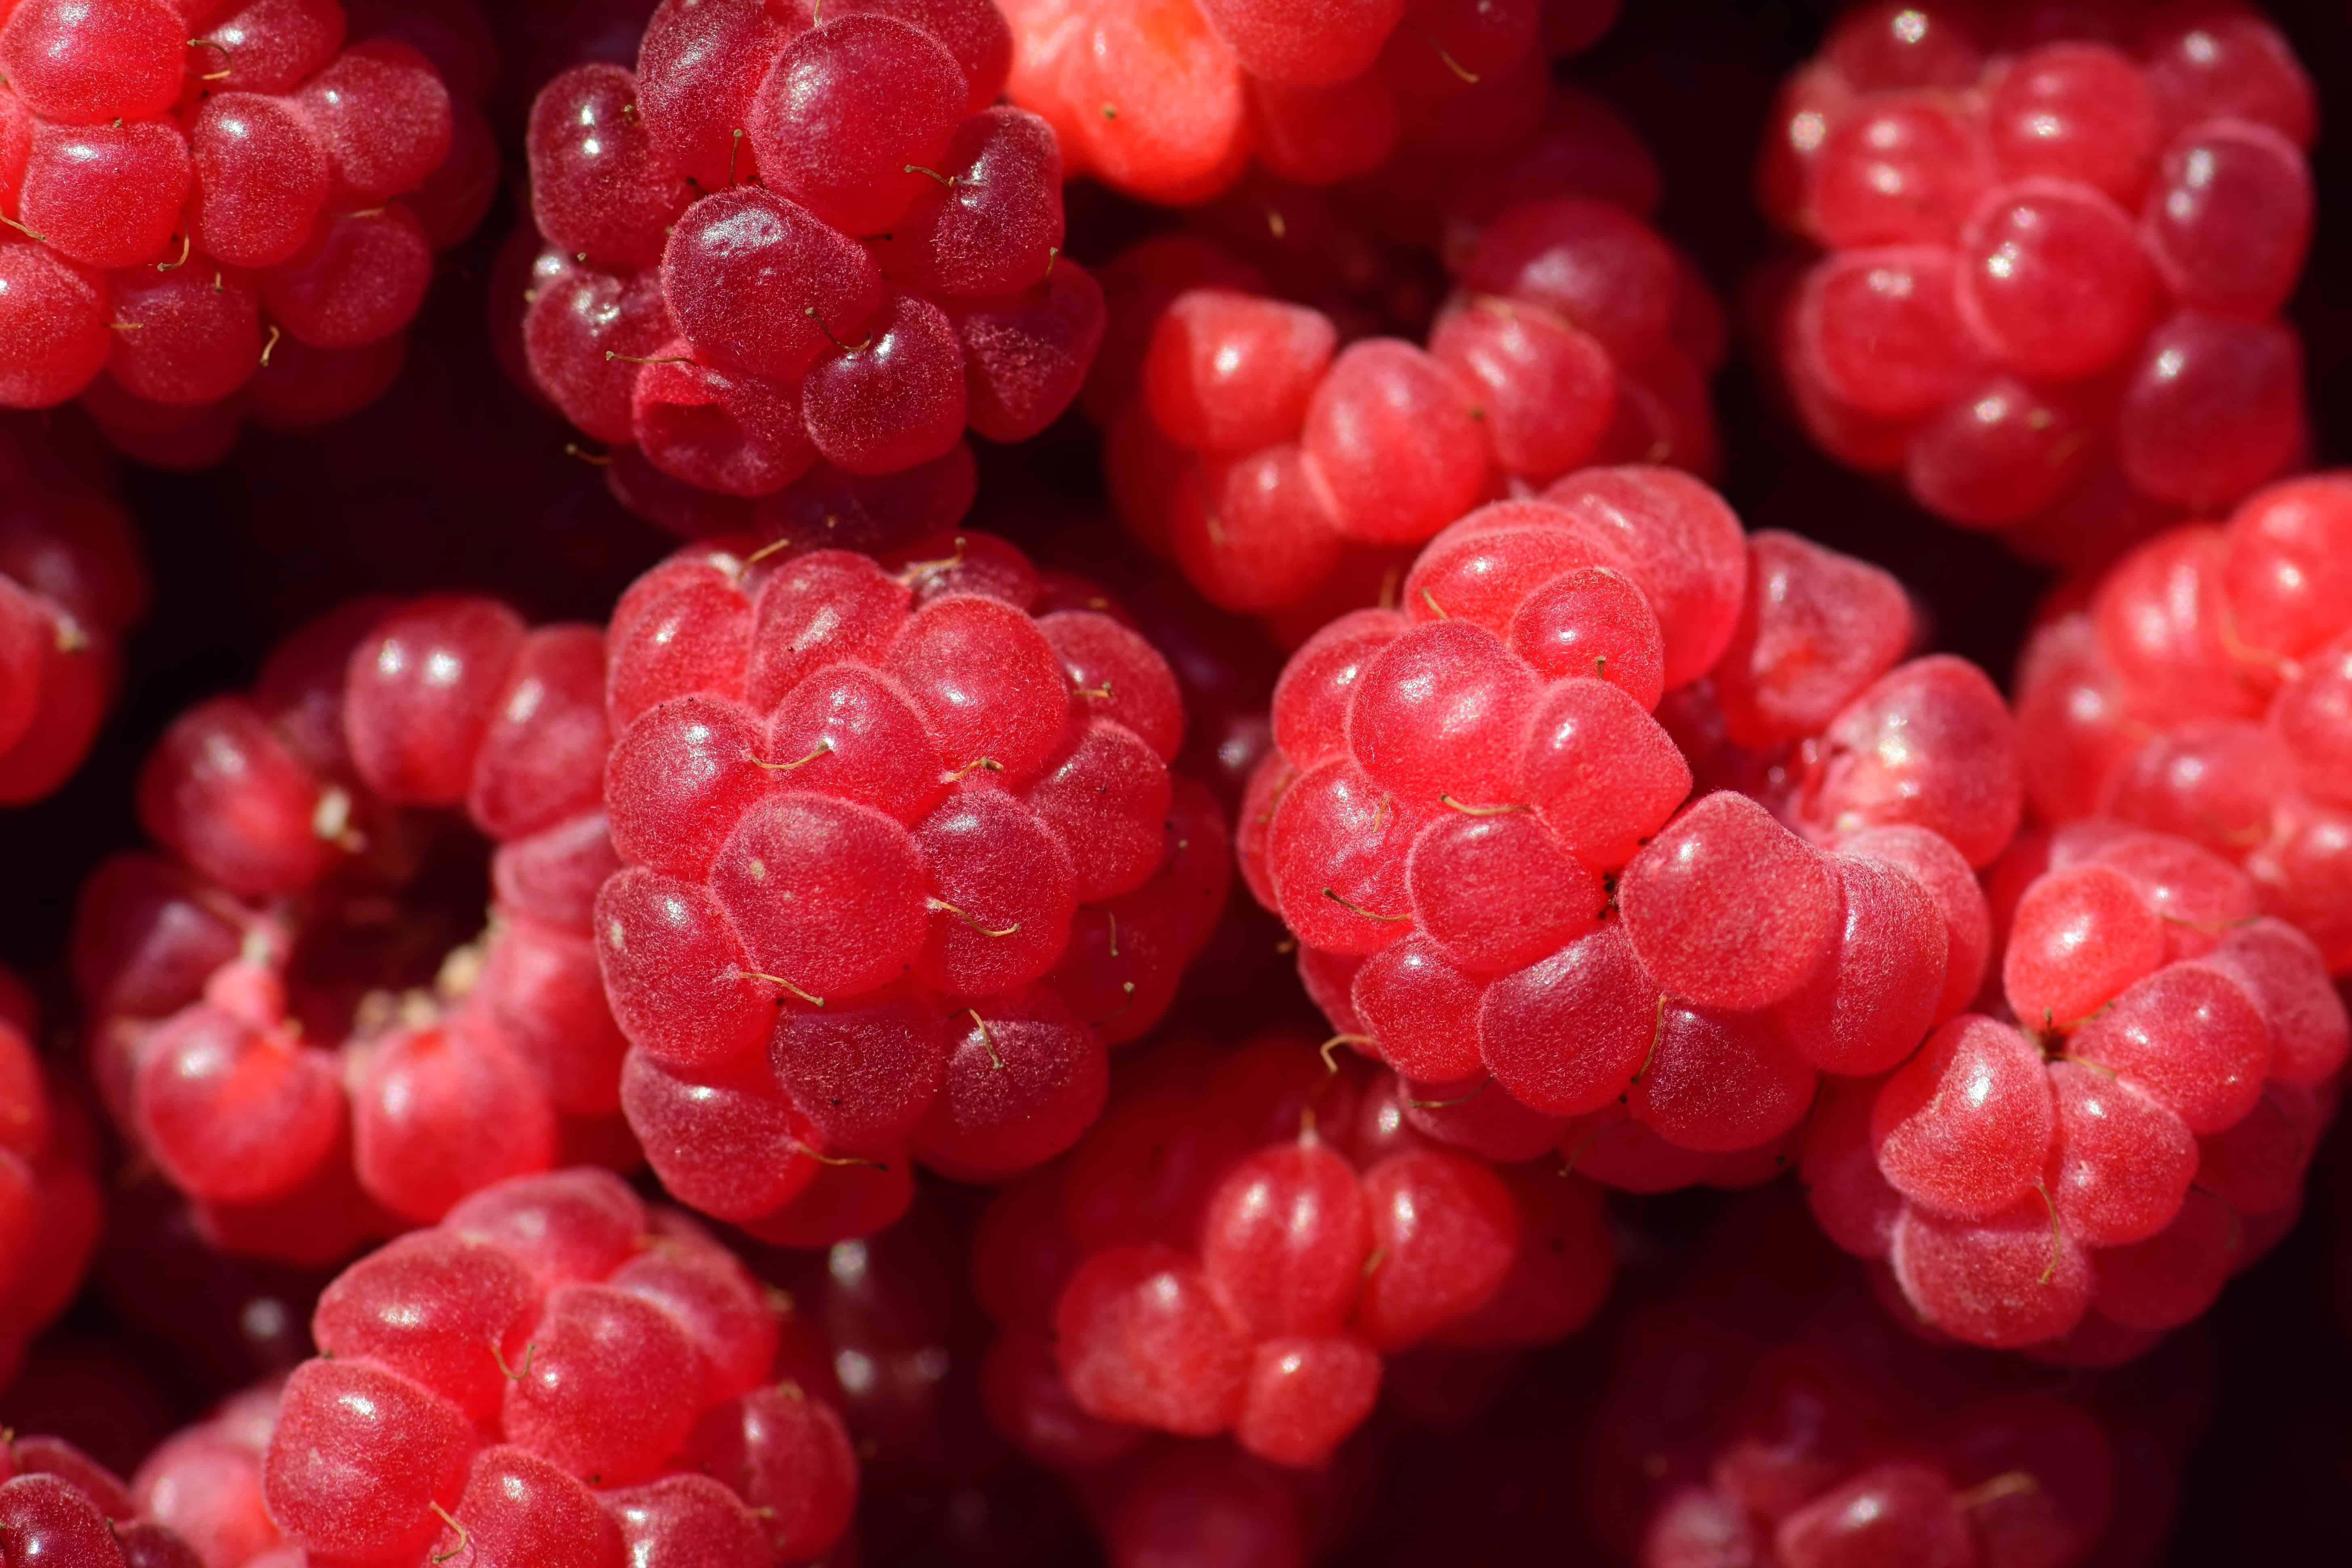 fruto, baya, delicioso, dieta, dulces, alimentos, nutrición, frambuesa